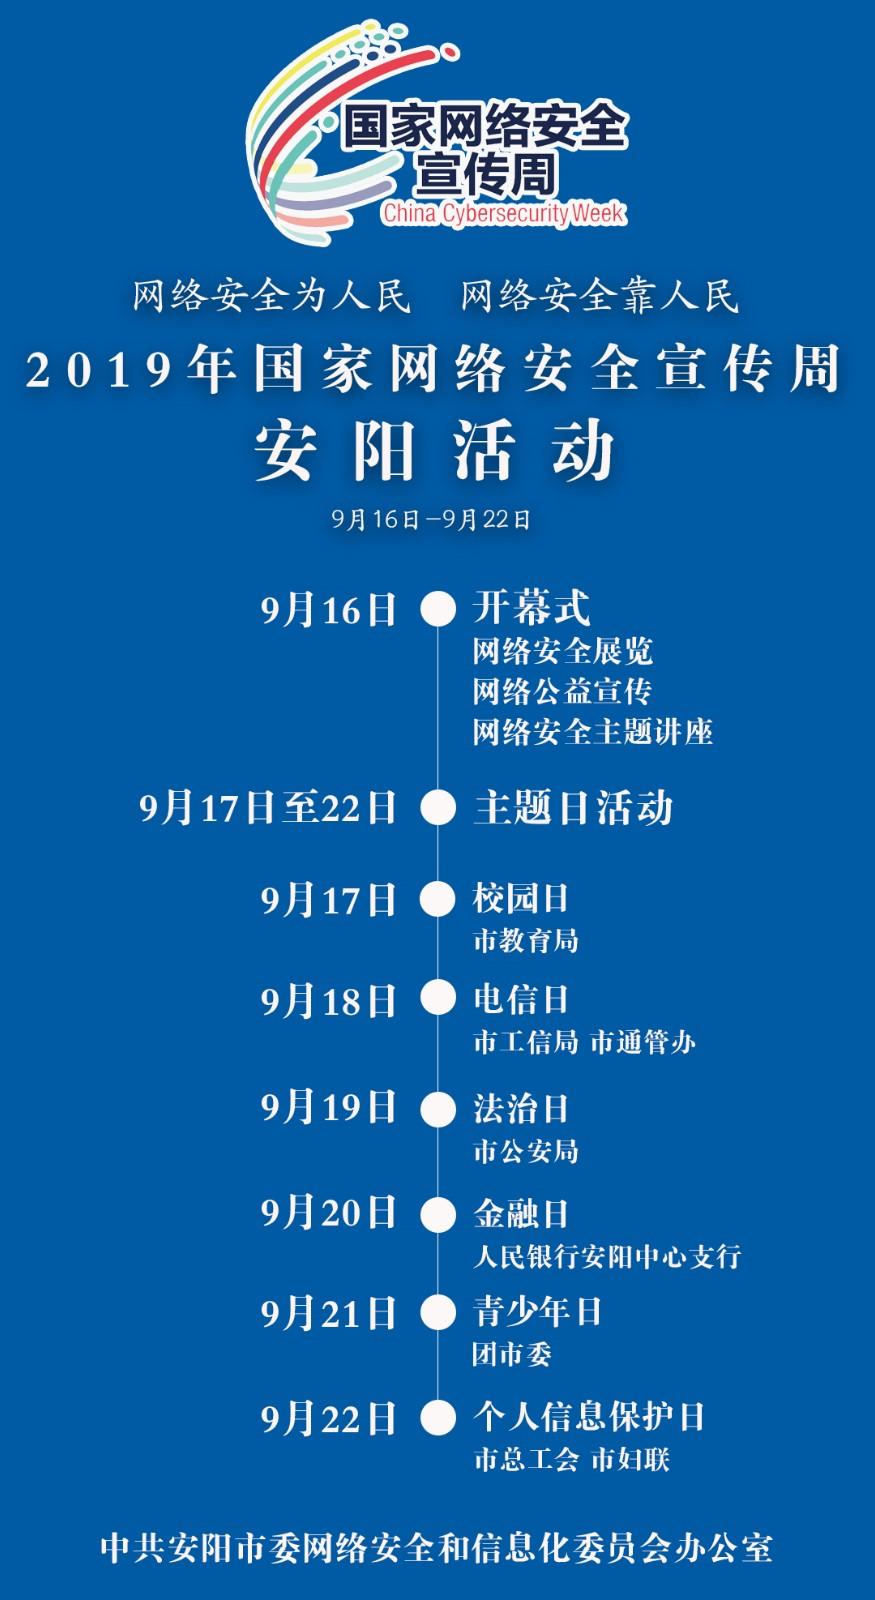 2019年安阳市网络安全宣传周活动.jpg